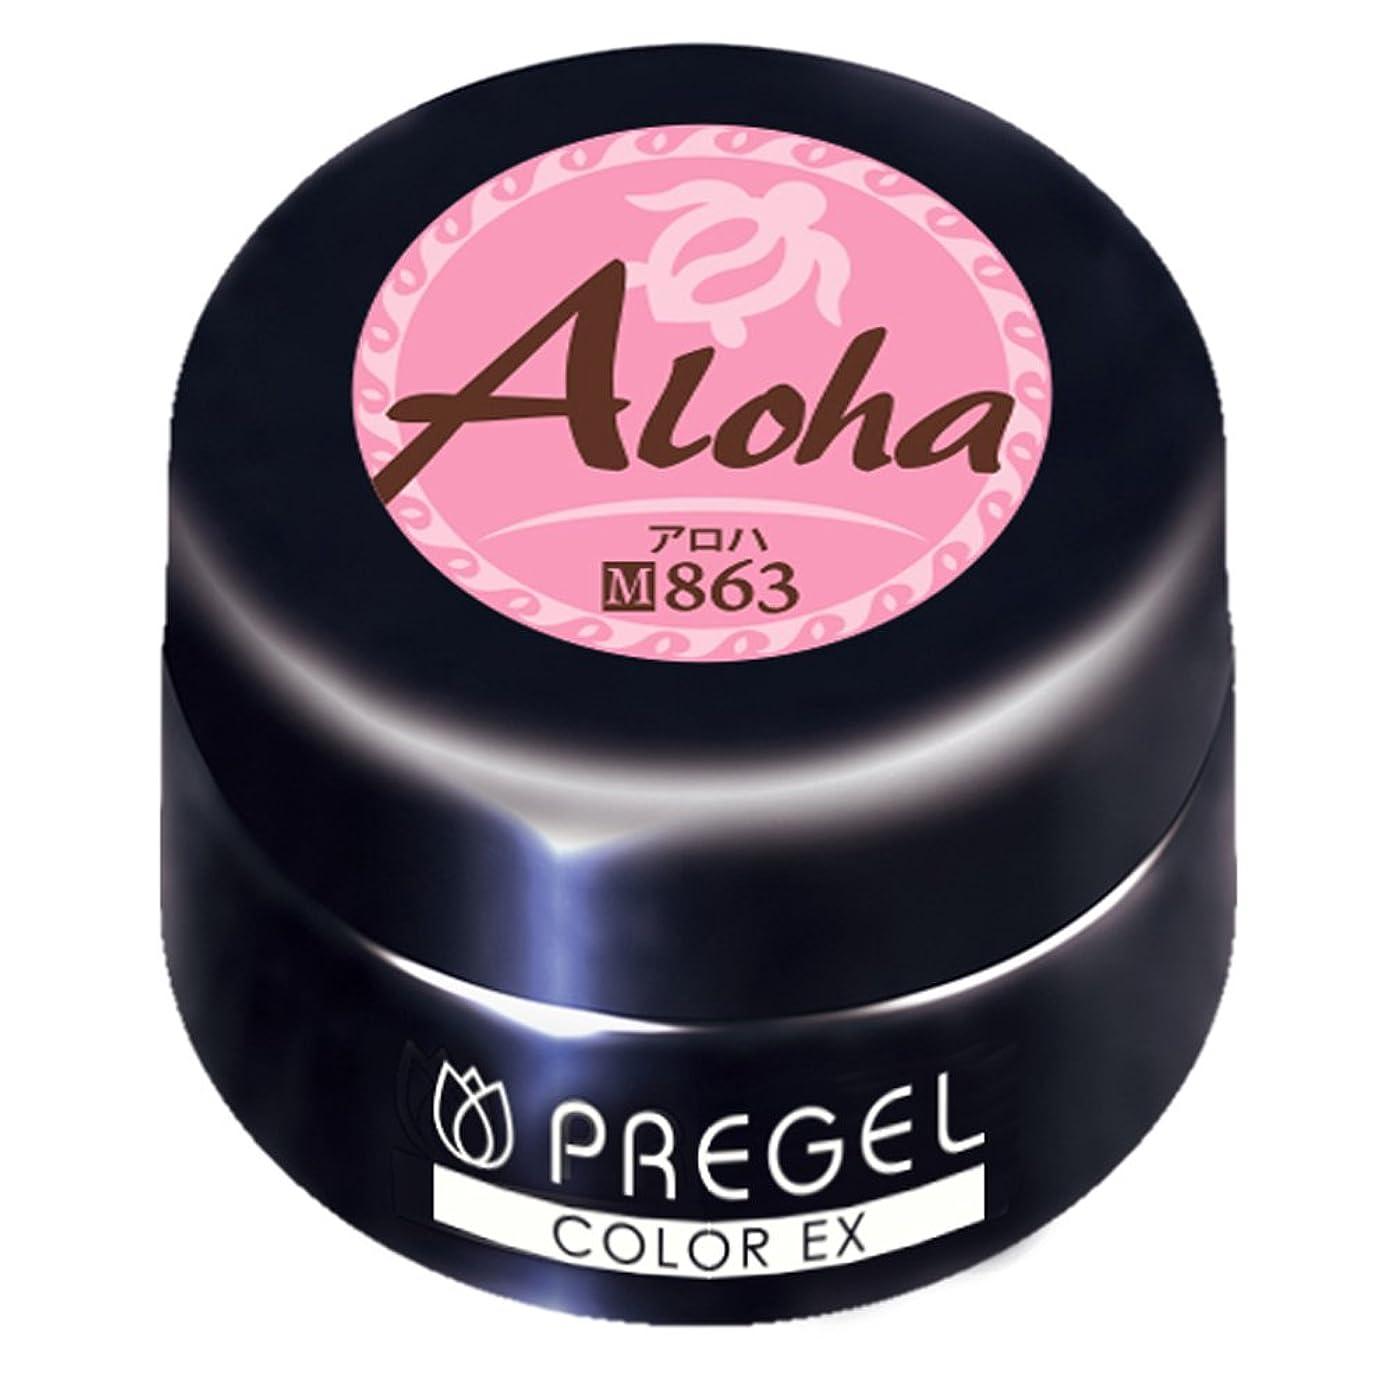 マーベル拘束する溶かすPRE GEL カラーEX アロハ863 3g UV/LED対応